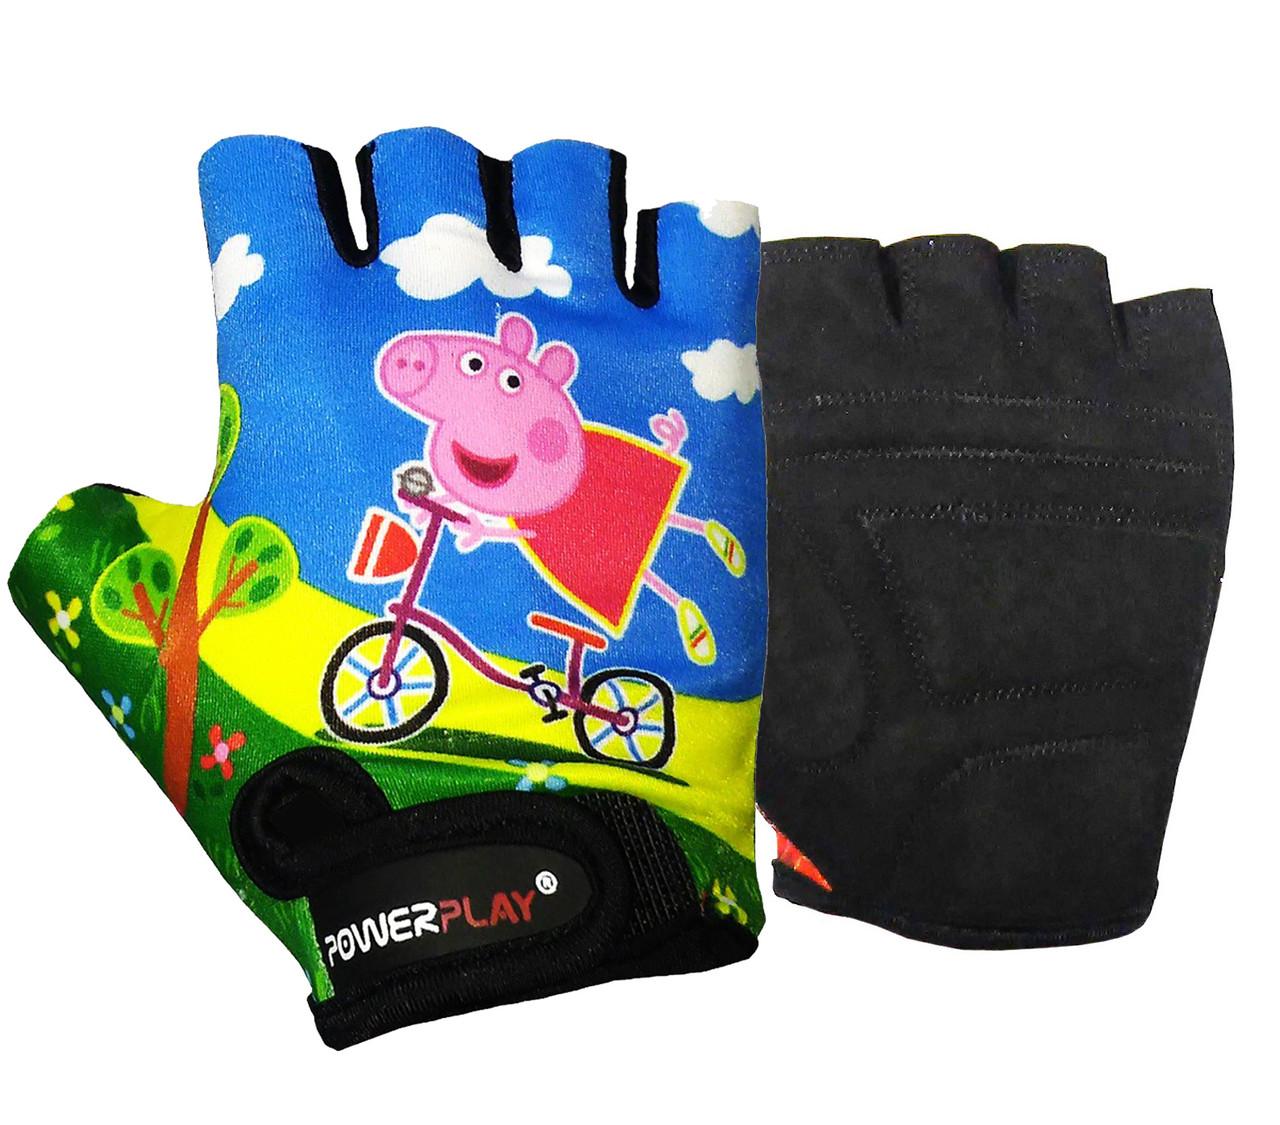 Велорукавички PowerPlay 5473 Peppa Pig голубі S